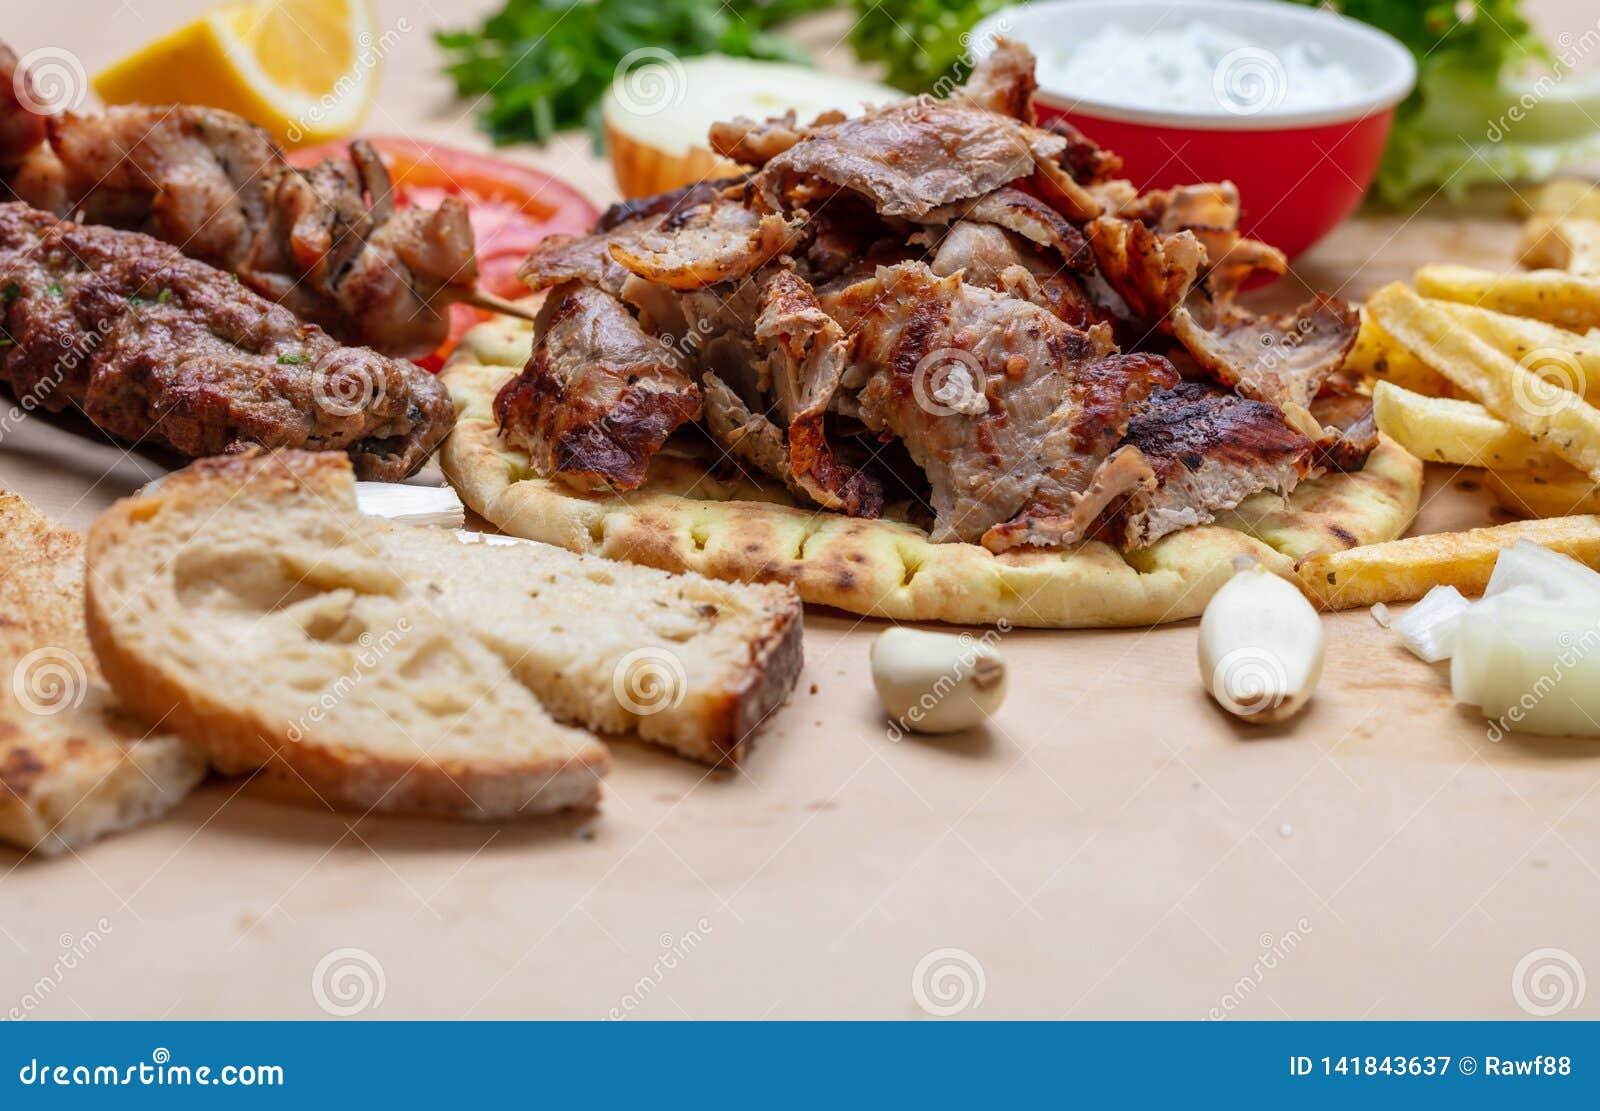 Shawarma, pão árabe dos giroscópios Turco tradicional, alimento grego da carne no pão do pão árabe